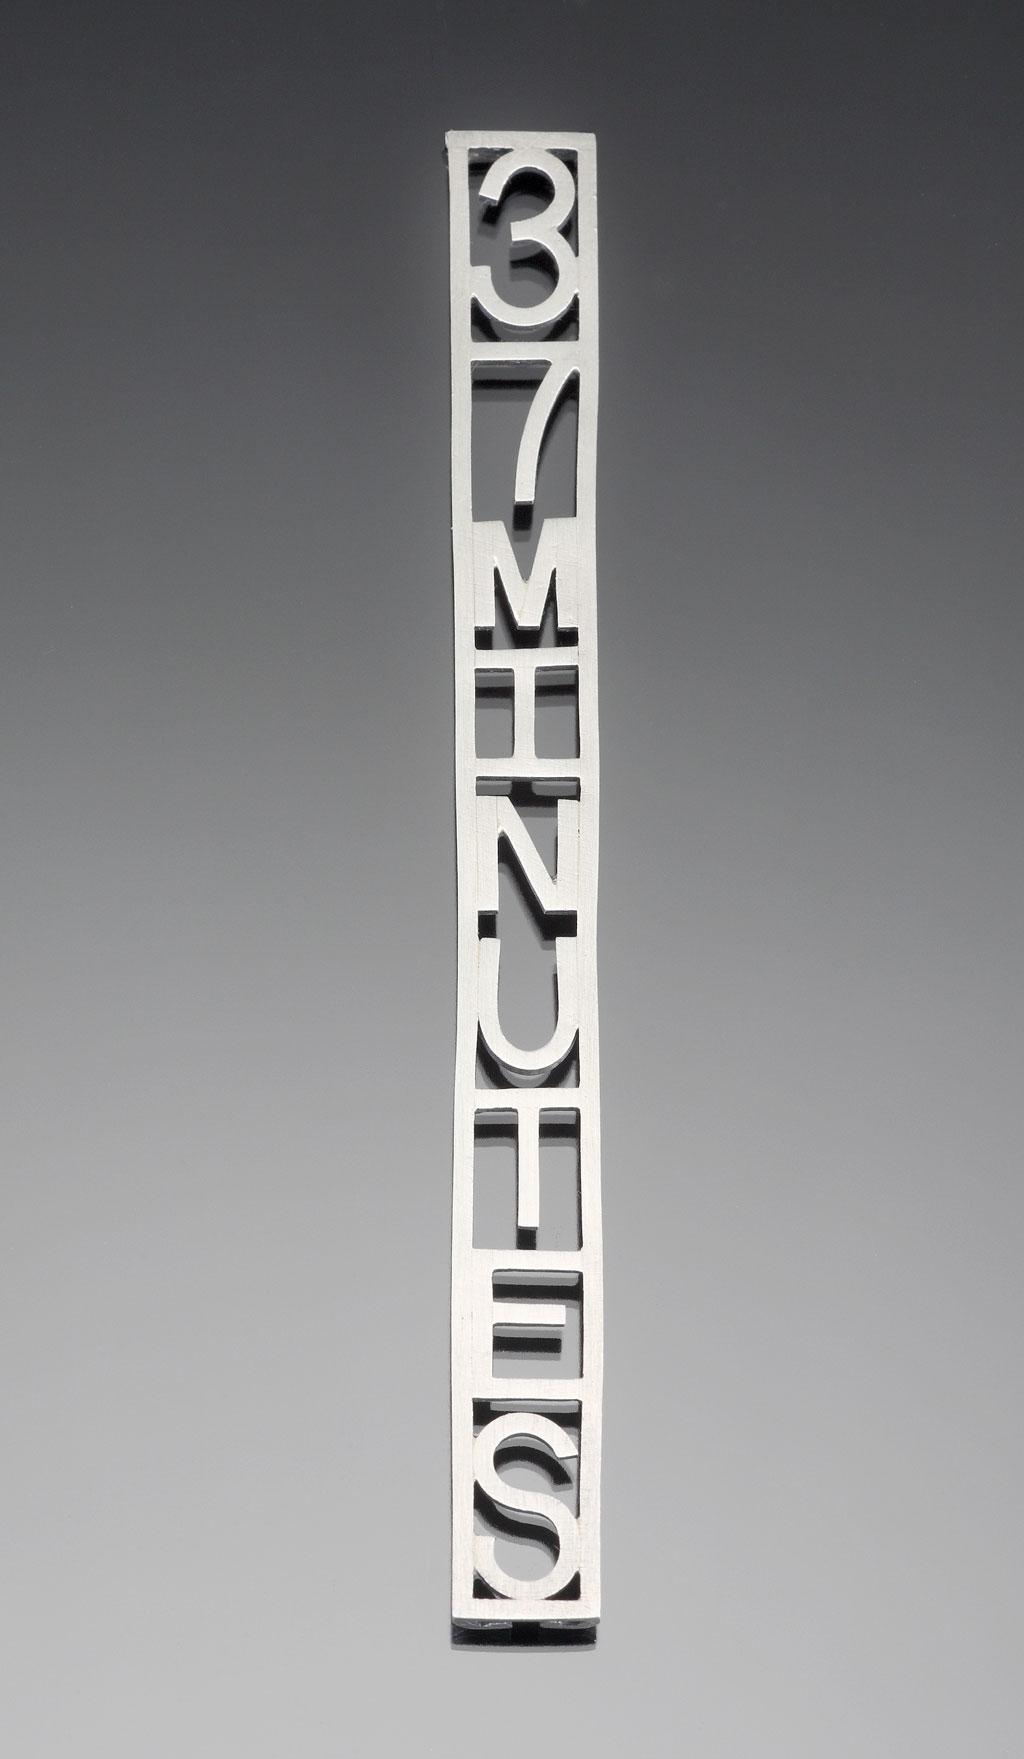 Trudee Hill, 37 Minutes, 2010